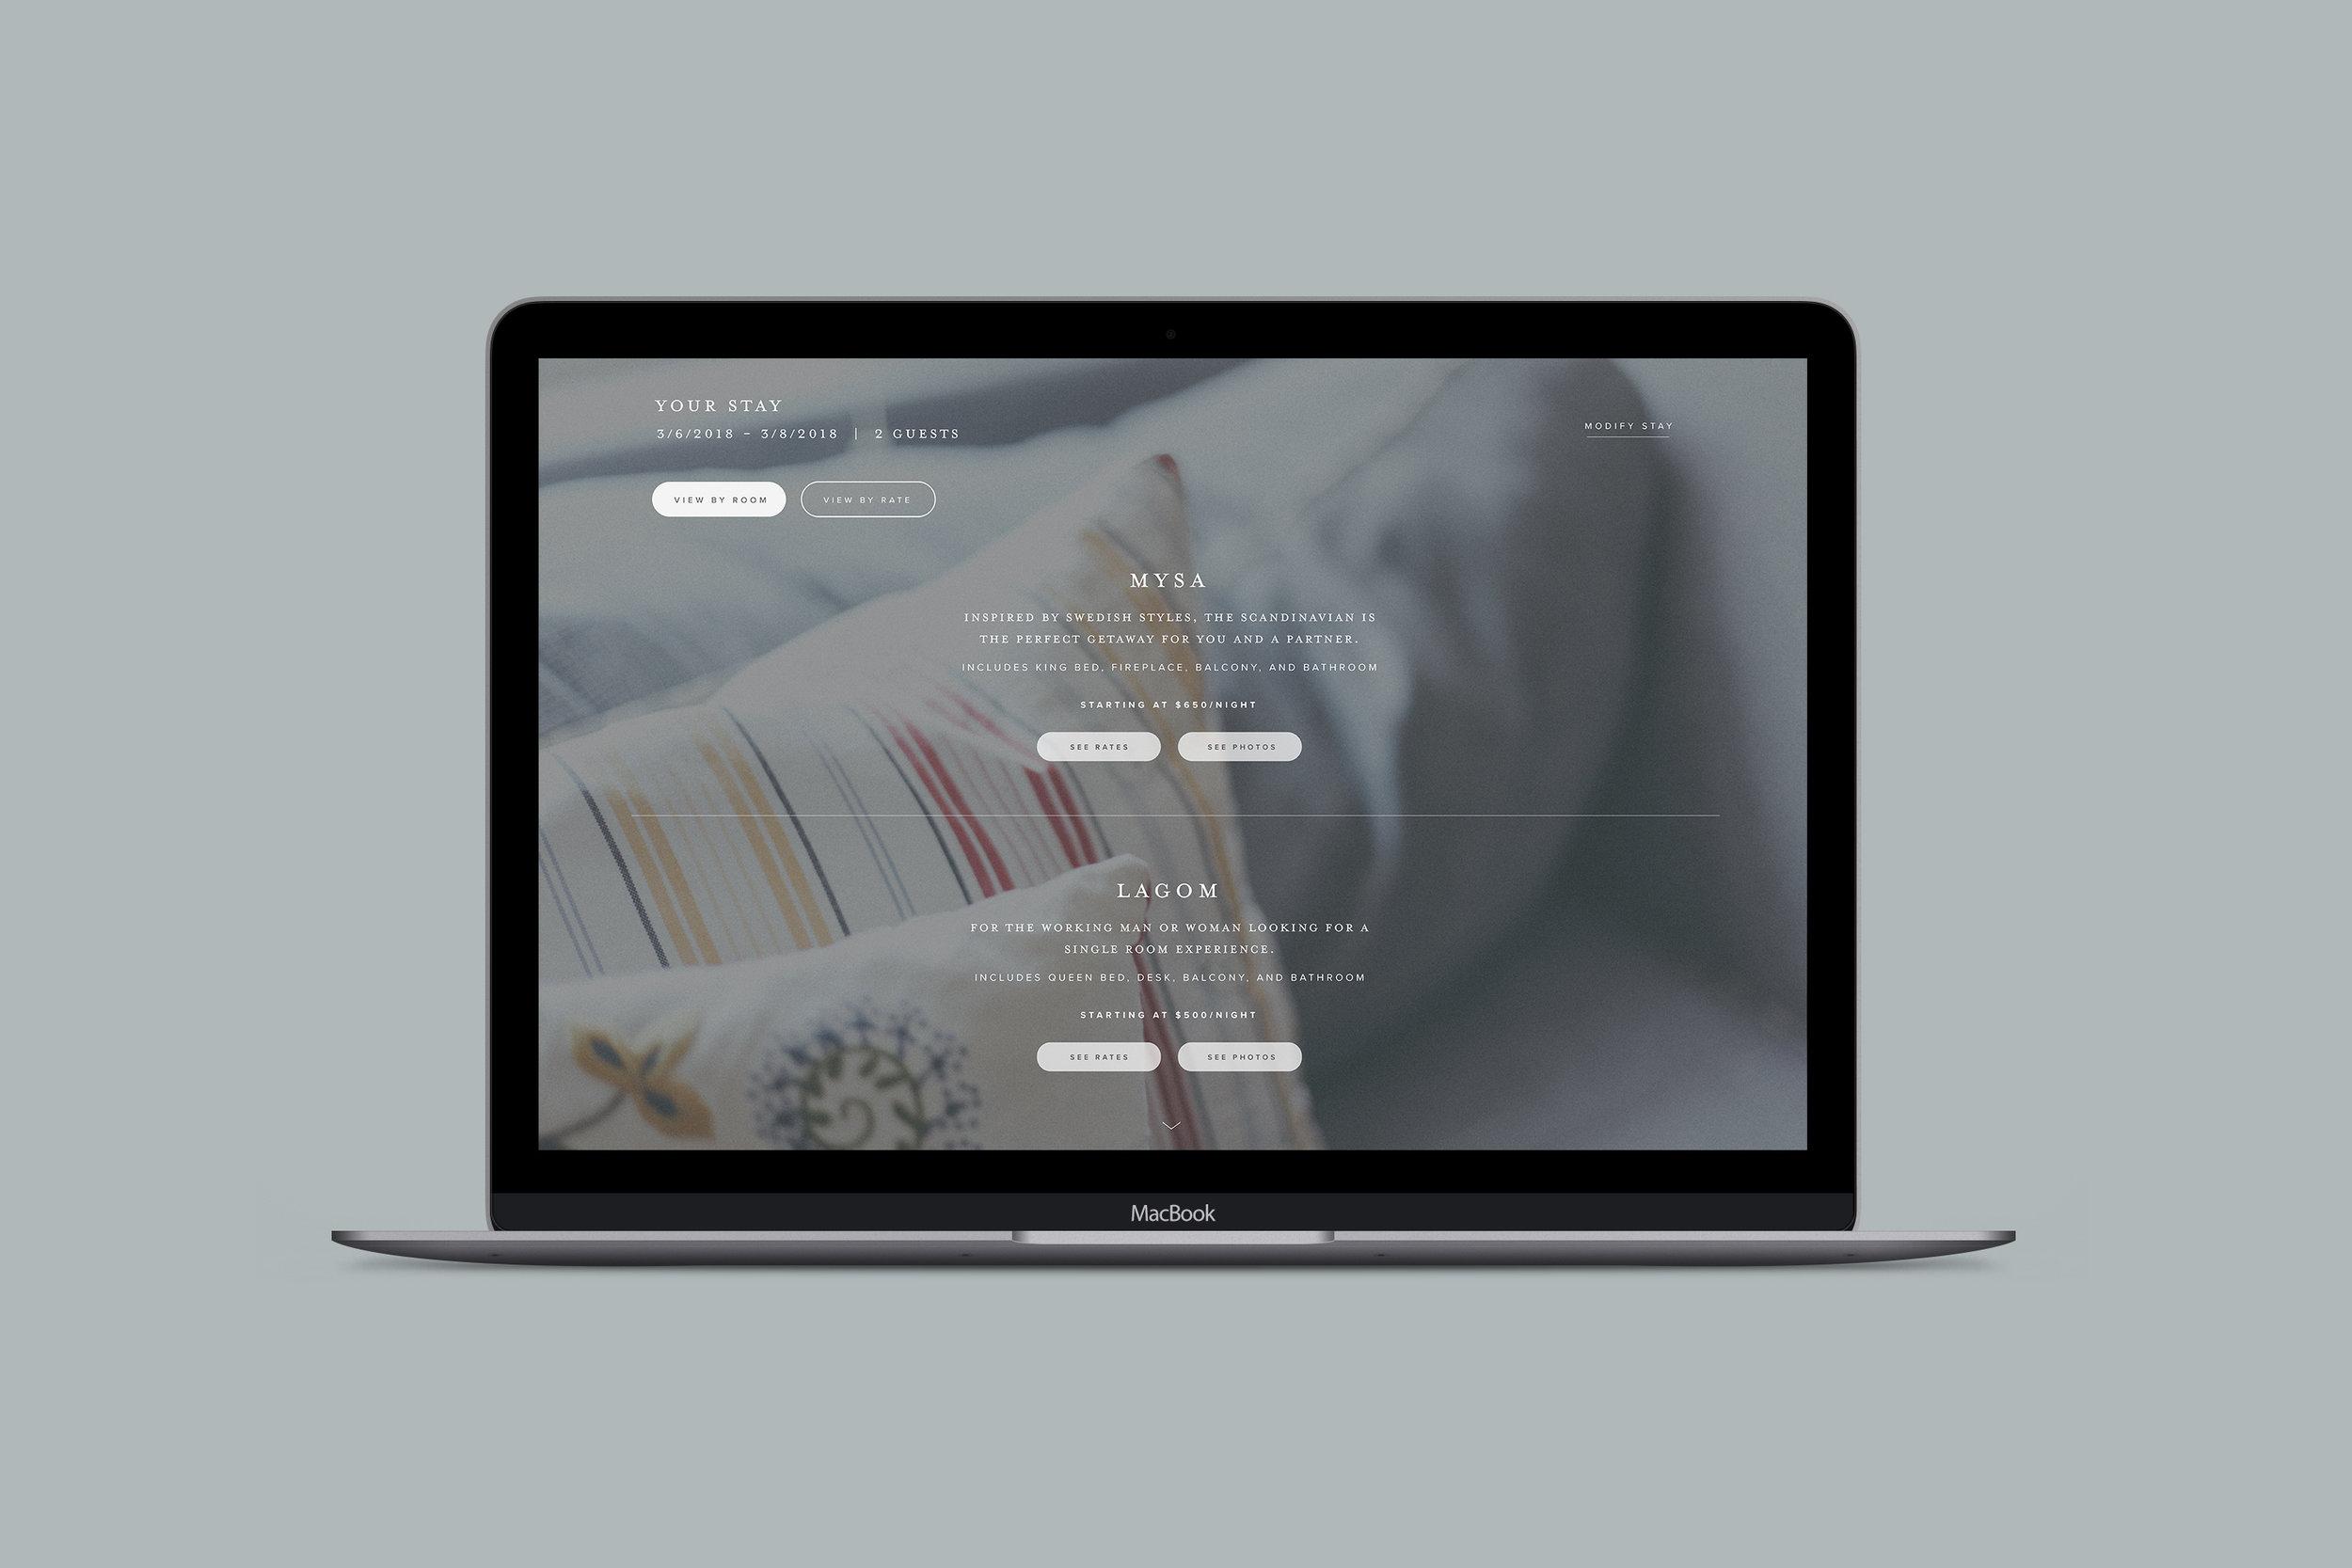 mac_mockuppg3.jpg